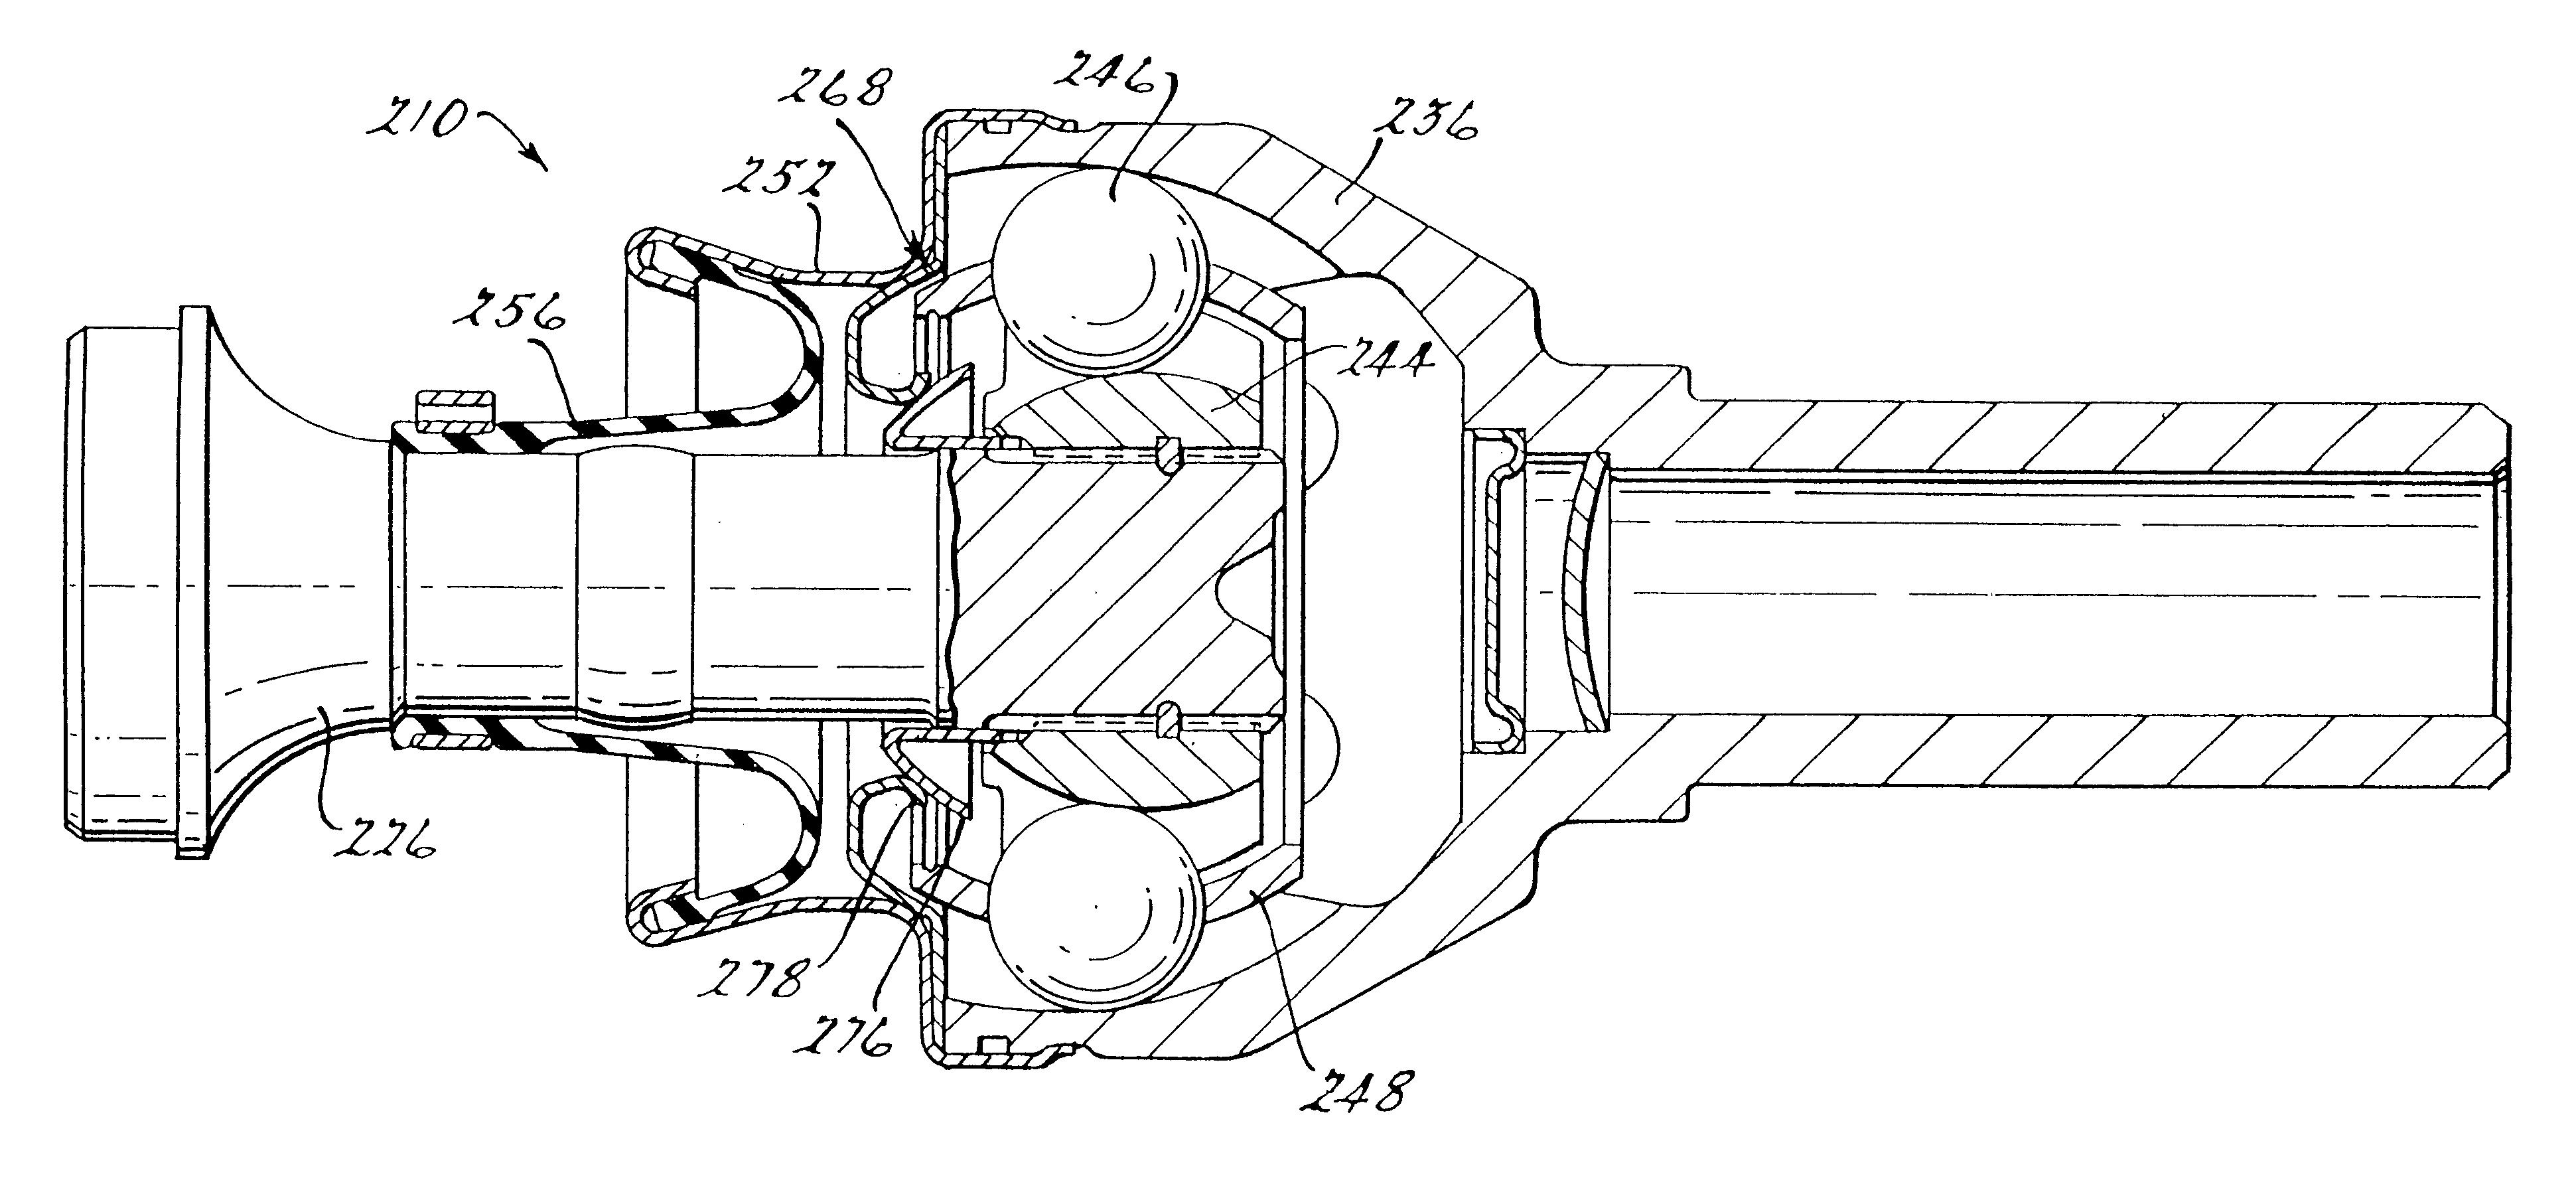 patent us6579187